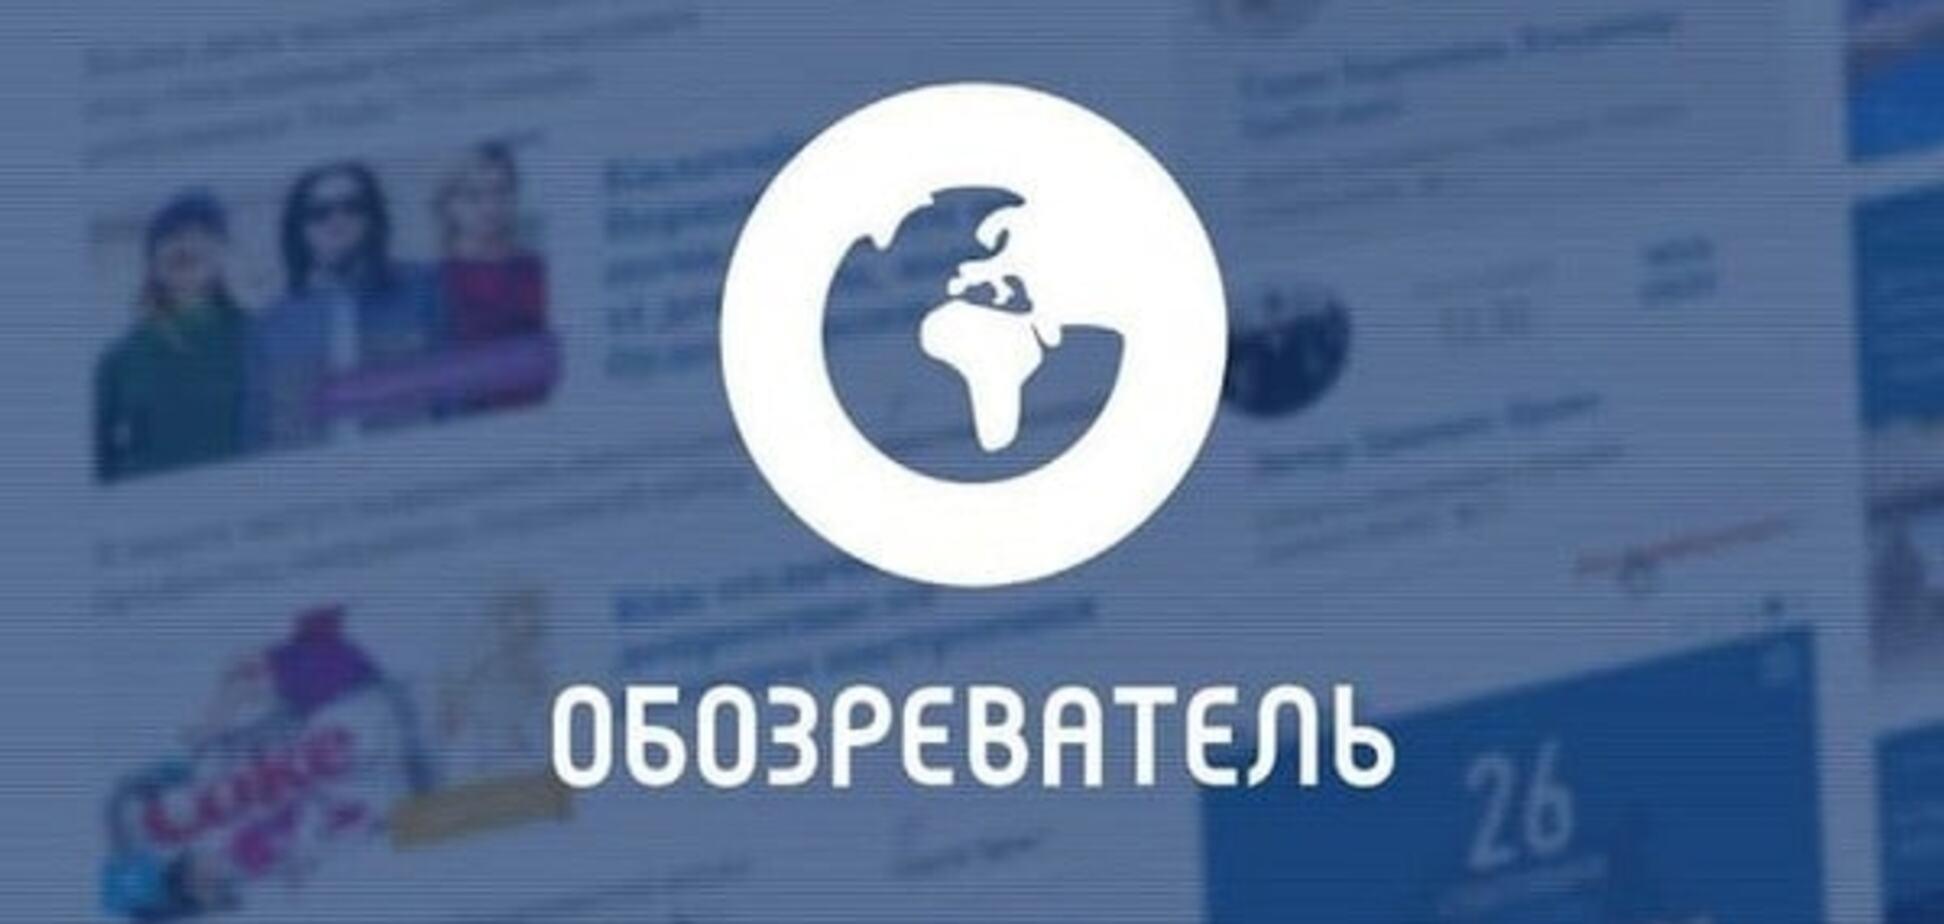 Манипуляция ненавистью - новая технология Кремля